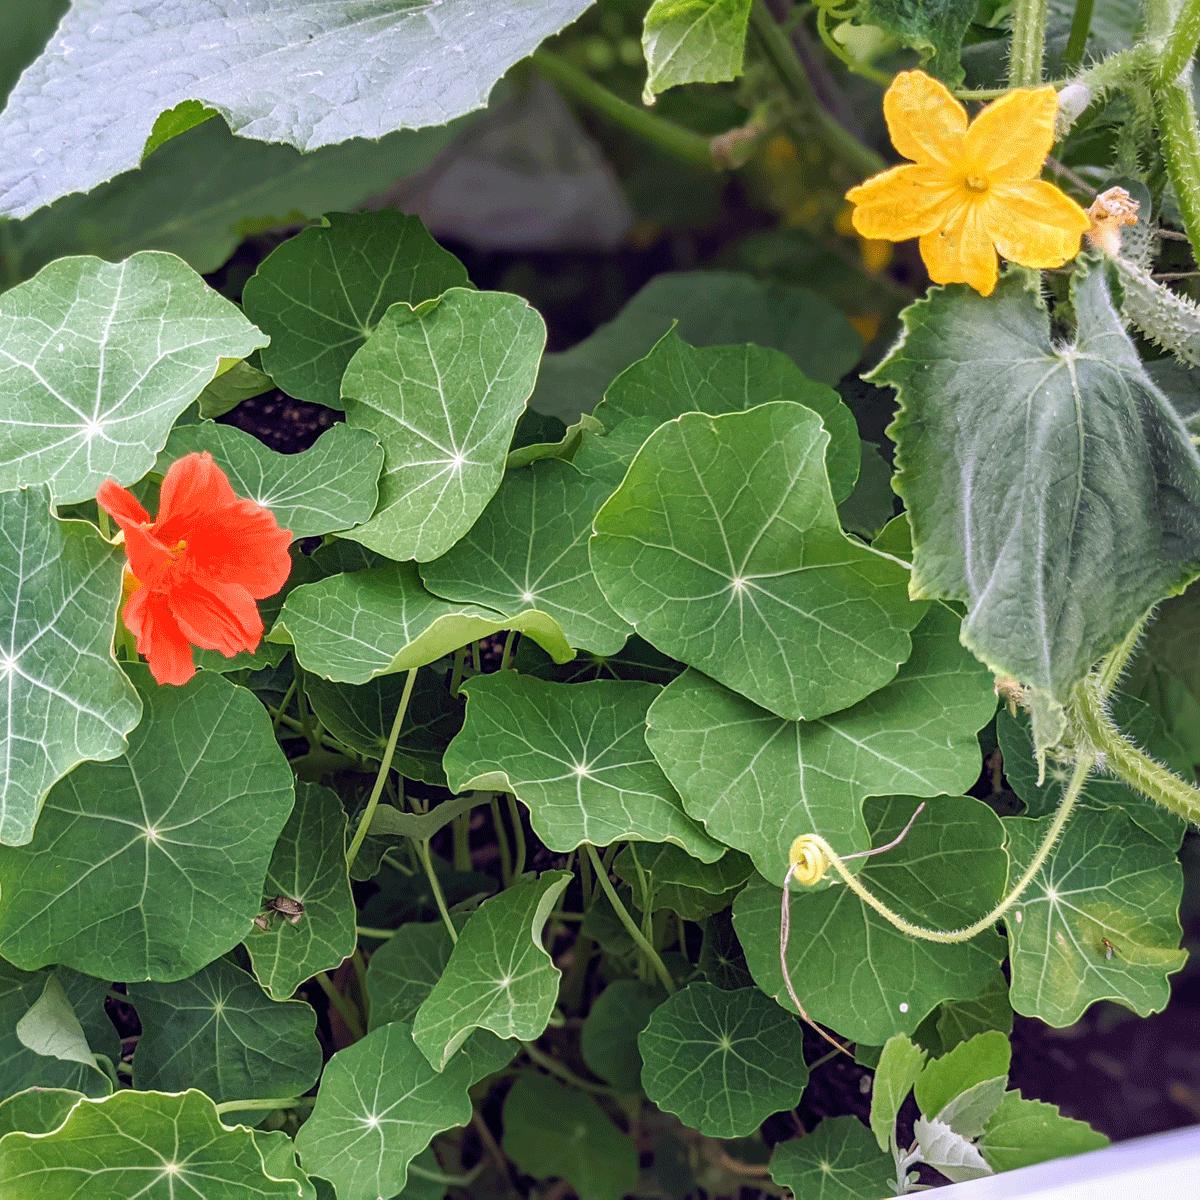 Growing Nasturtium in Vegetable Garden Spaces